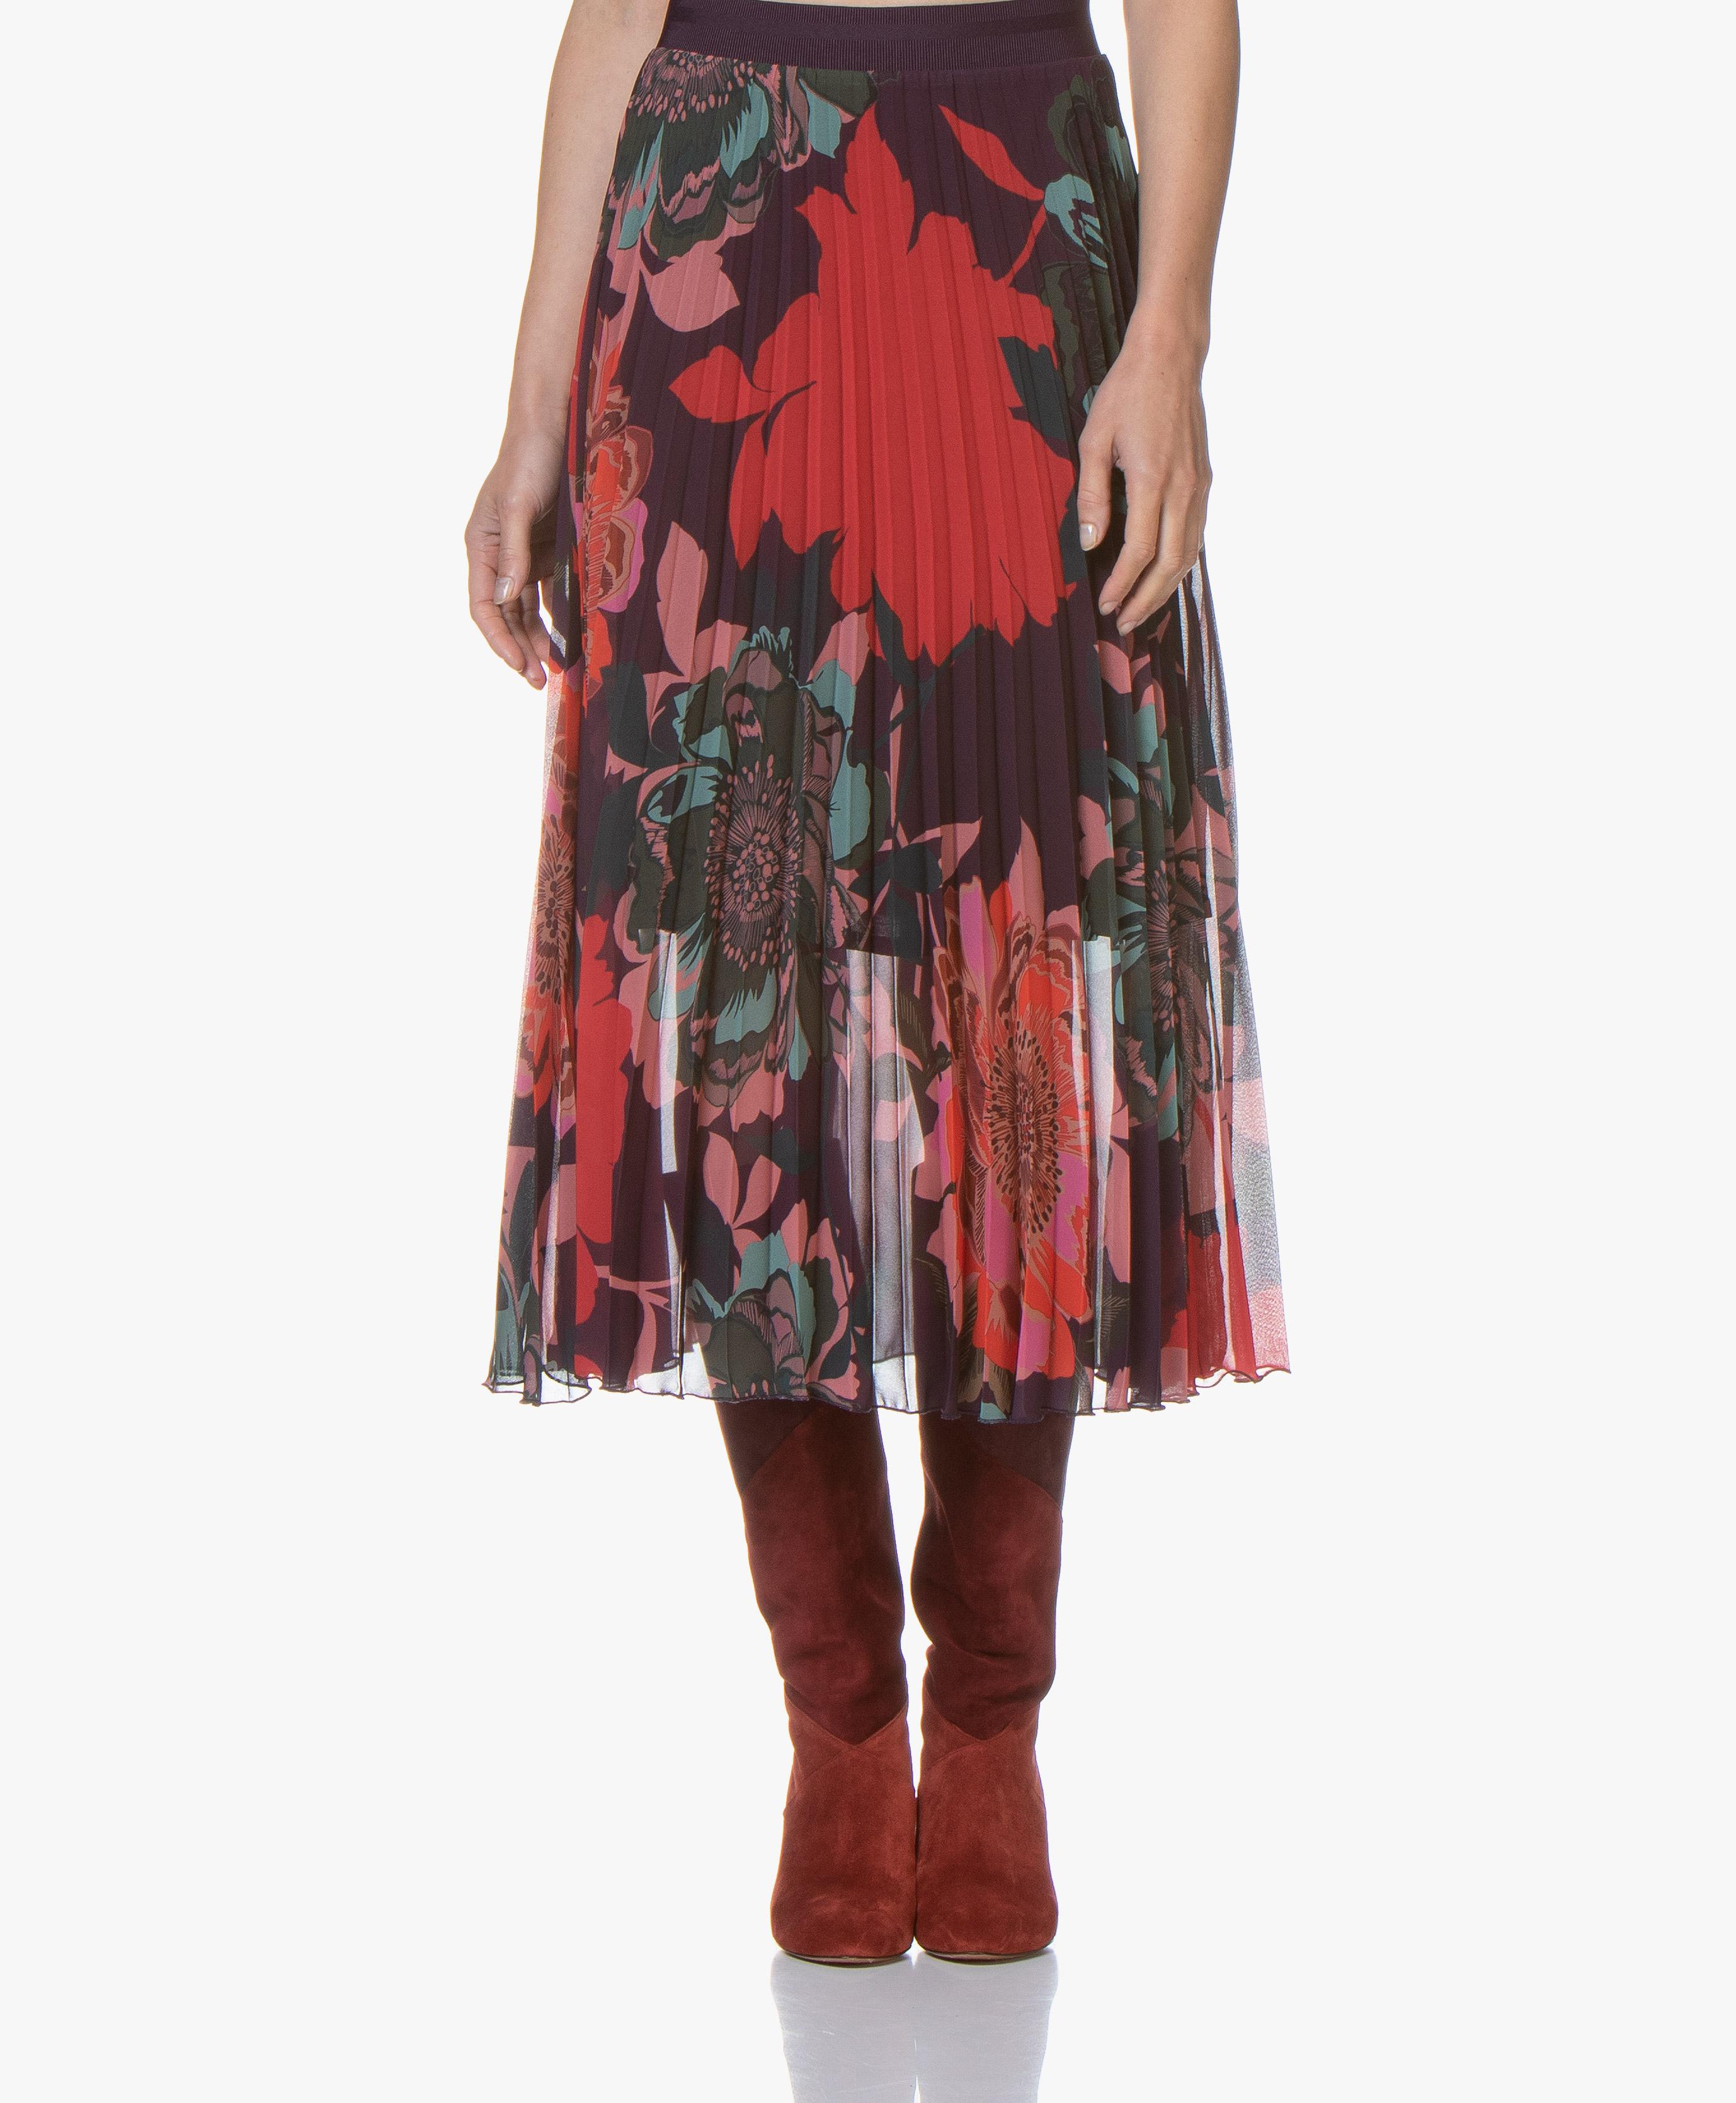 MSRP $48 Bar III Floral-Print High-Waist Bottoms M XL L Size XS S